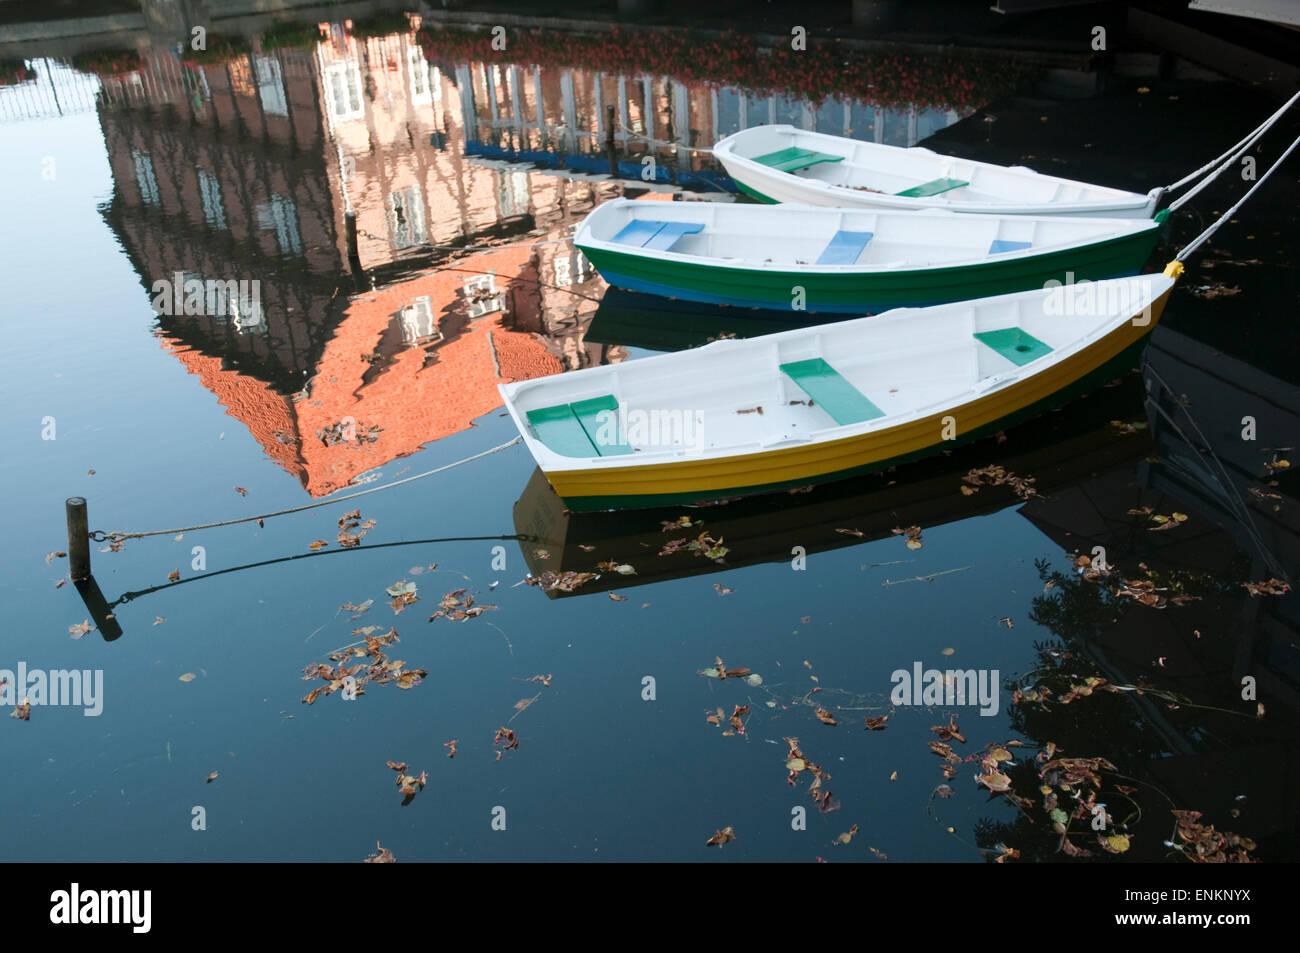 Spiegelung der Luener Muehle, Boote, Alter Hafen, Lueneburg, Niedersachsen, Deutschland |  reflection of Mill, Old - Stock Image